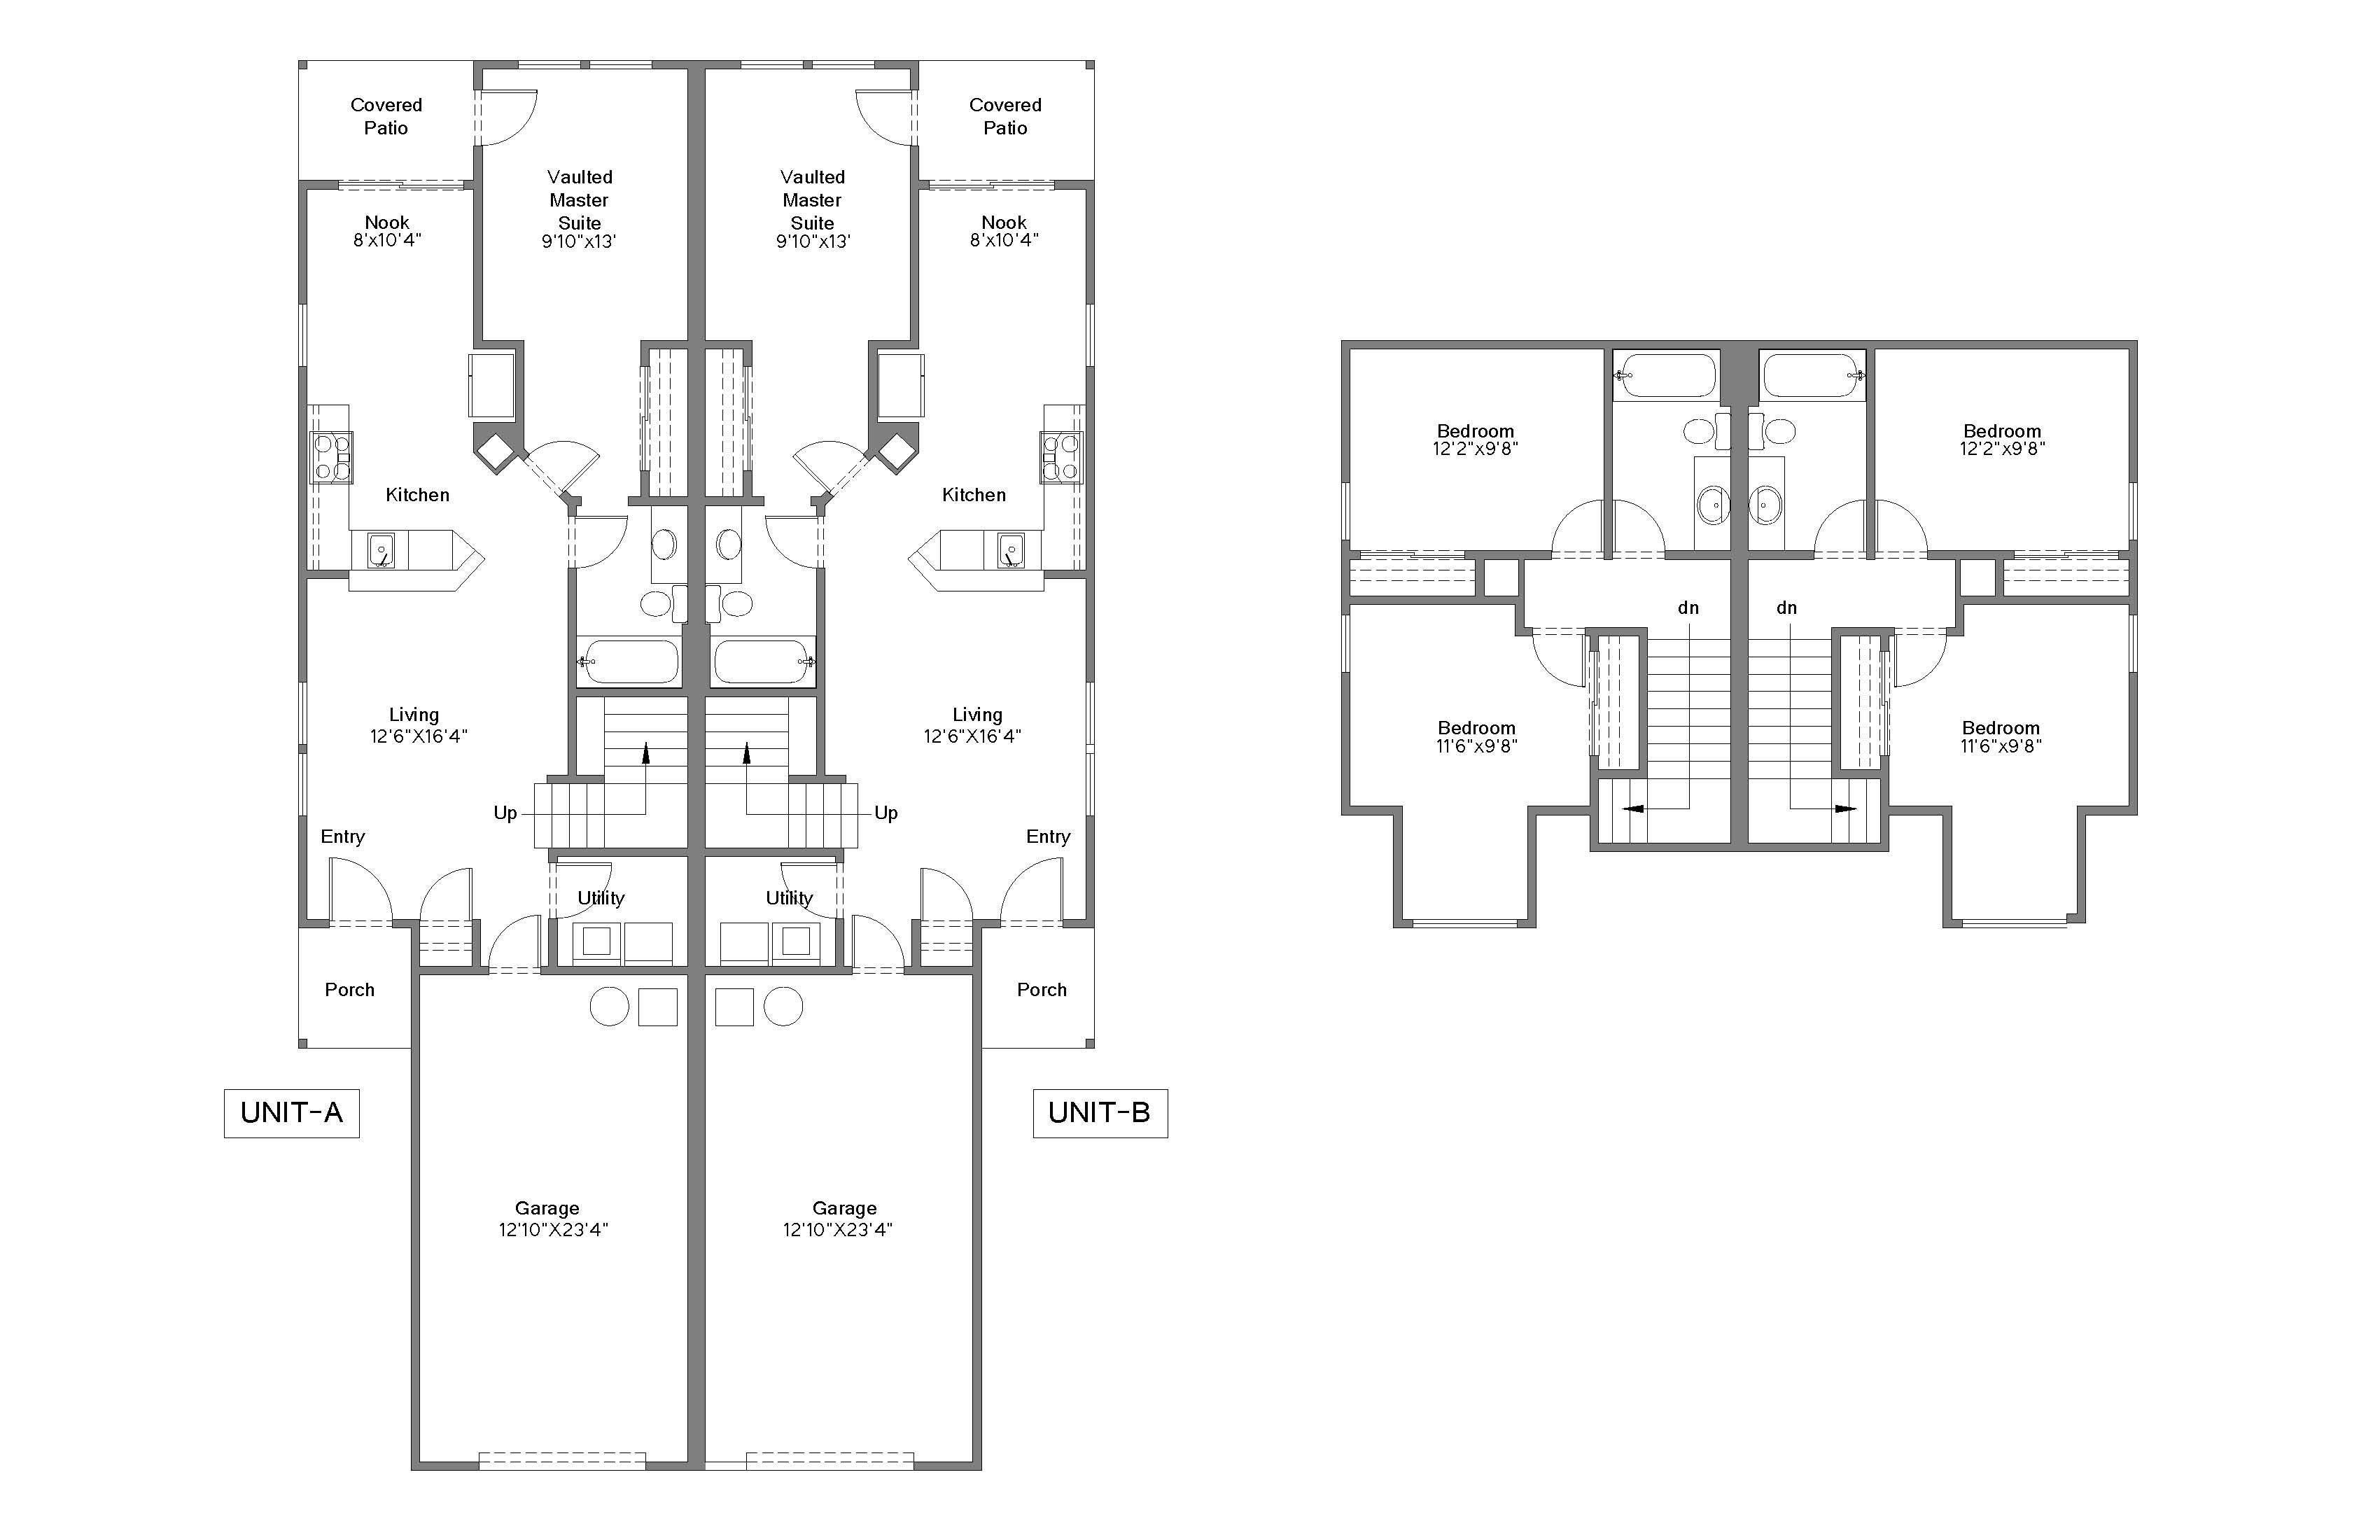 Luxury Autocad Architecture House Plans 8 Viewpoint Architecture House Autocad Architectural Floor Plans